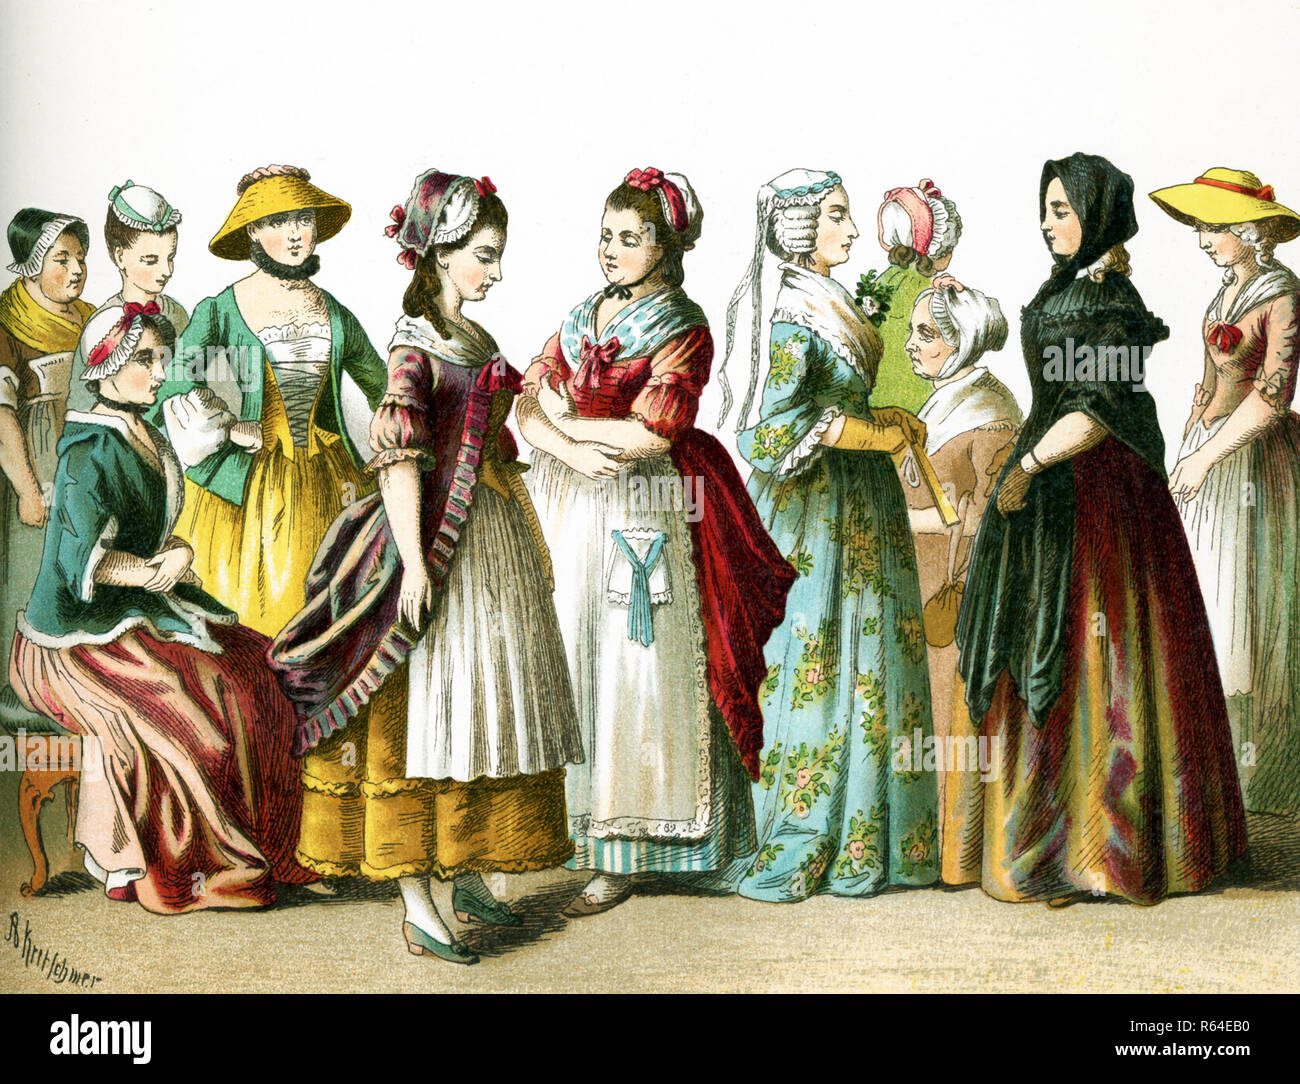 Les chiffres que l'on voit ici sont des citoyens allemands en 1700. Cette illustration dates pour 1882. Photo Stock